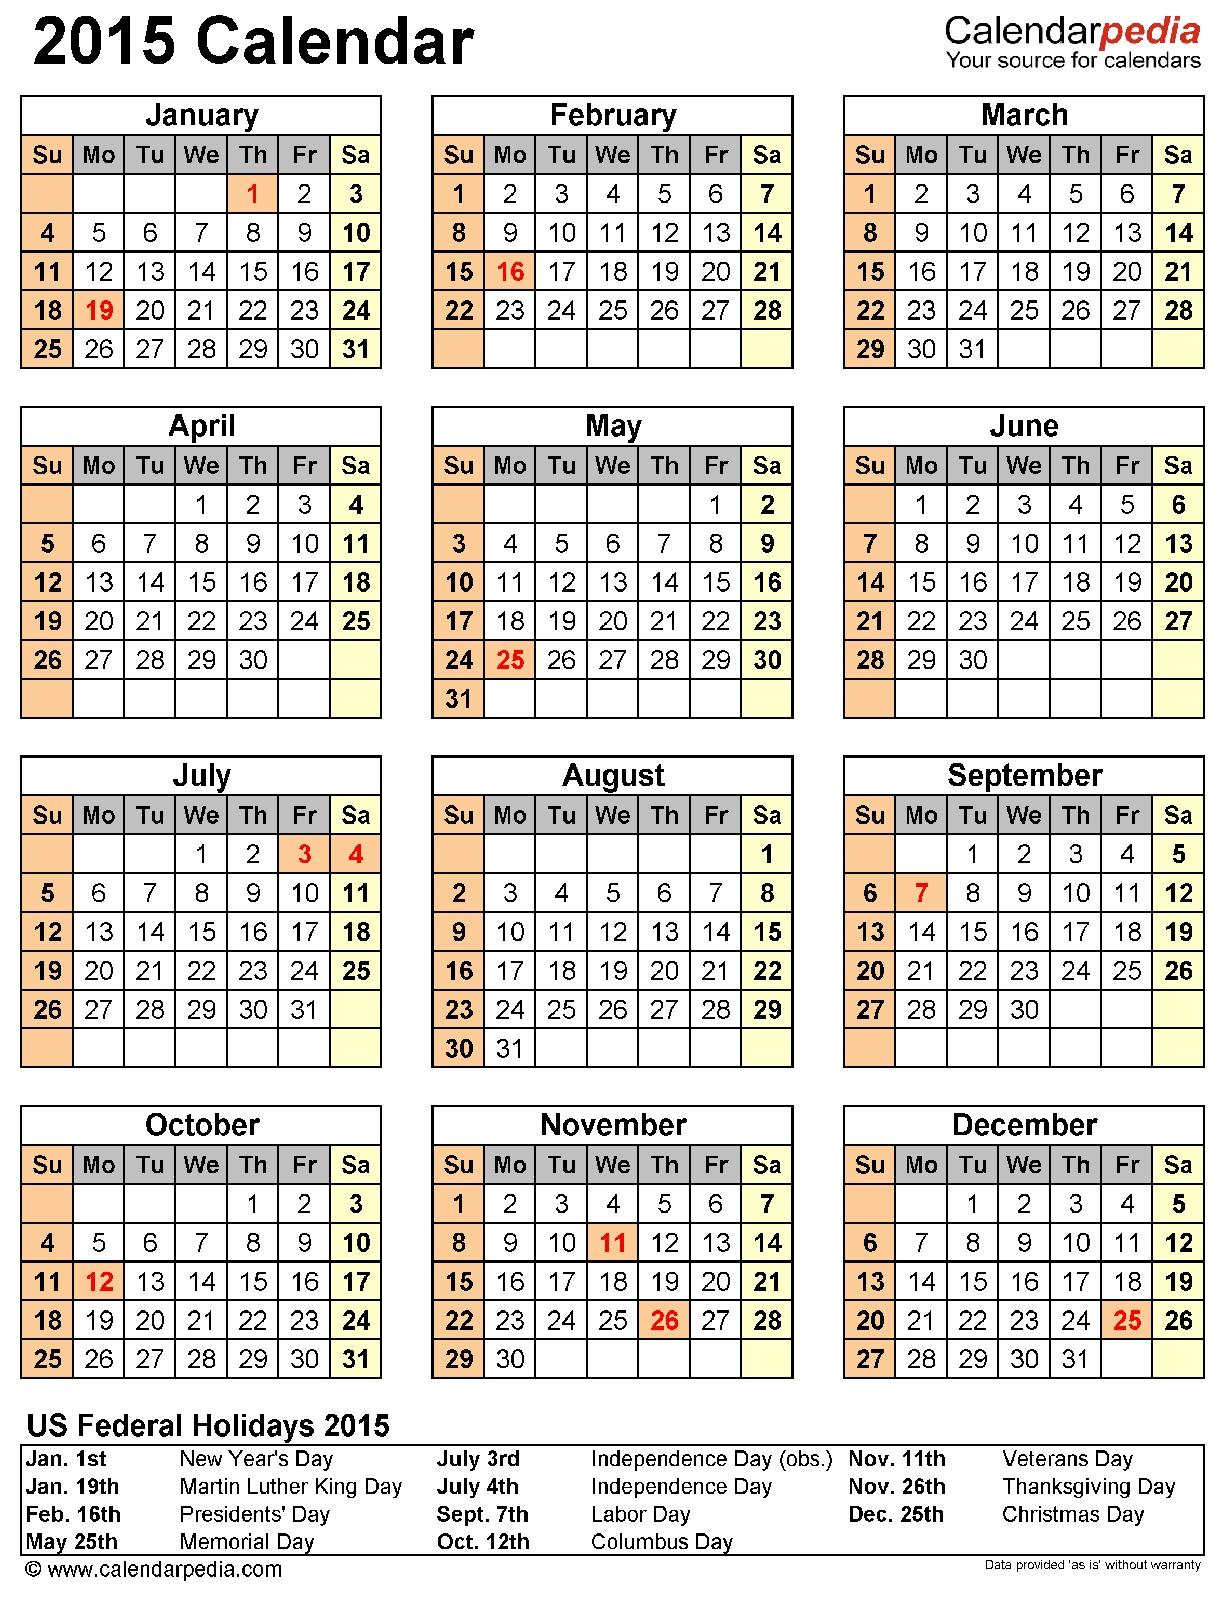 When? Calendar   English 4 Me 2